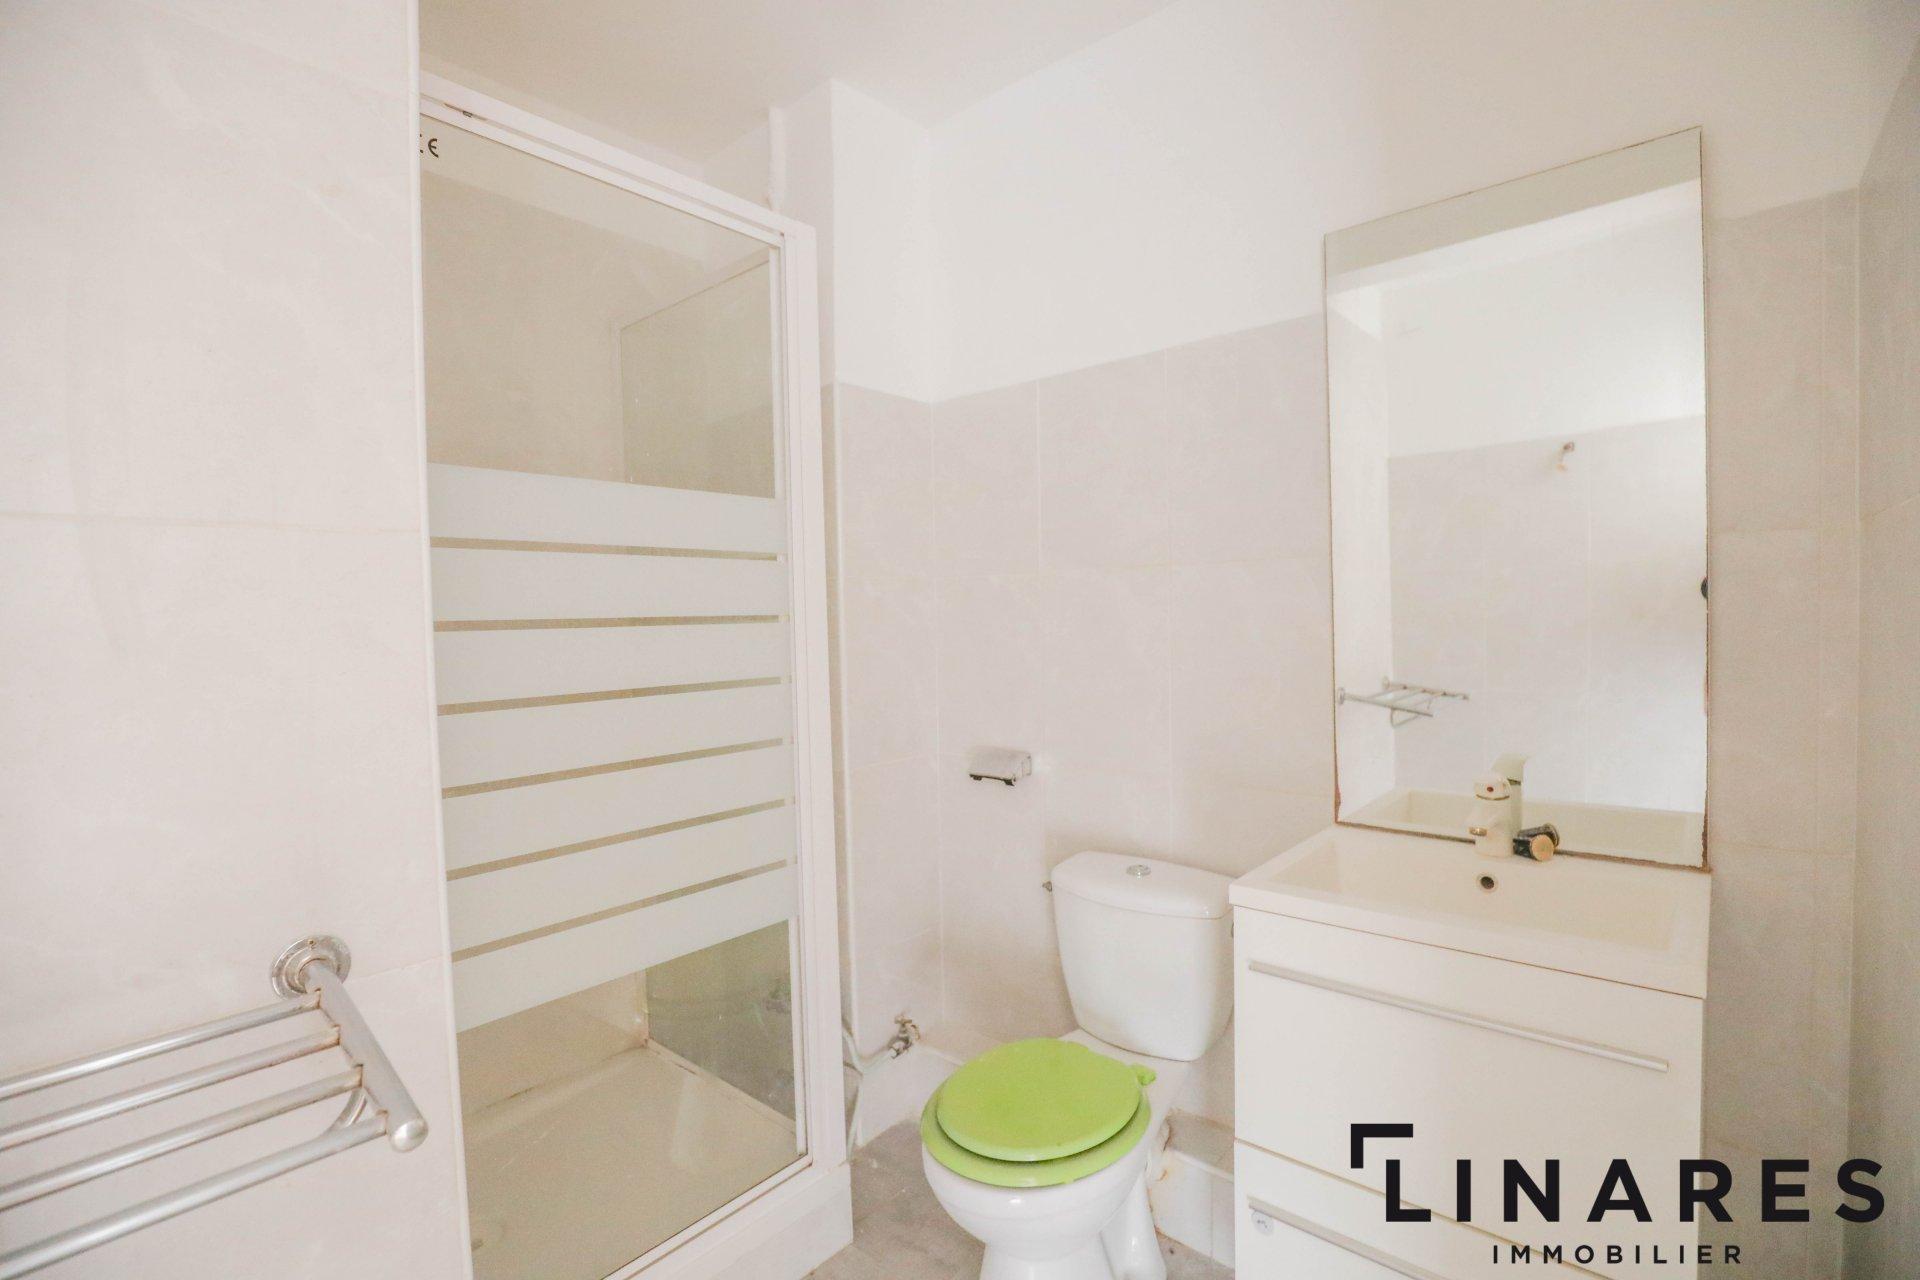 LOC INVEST - Appartement de 28 m2 avec terrasse de 4 m2 13013 Marseille